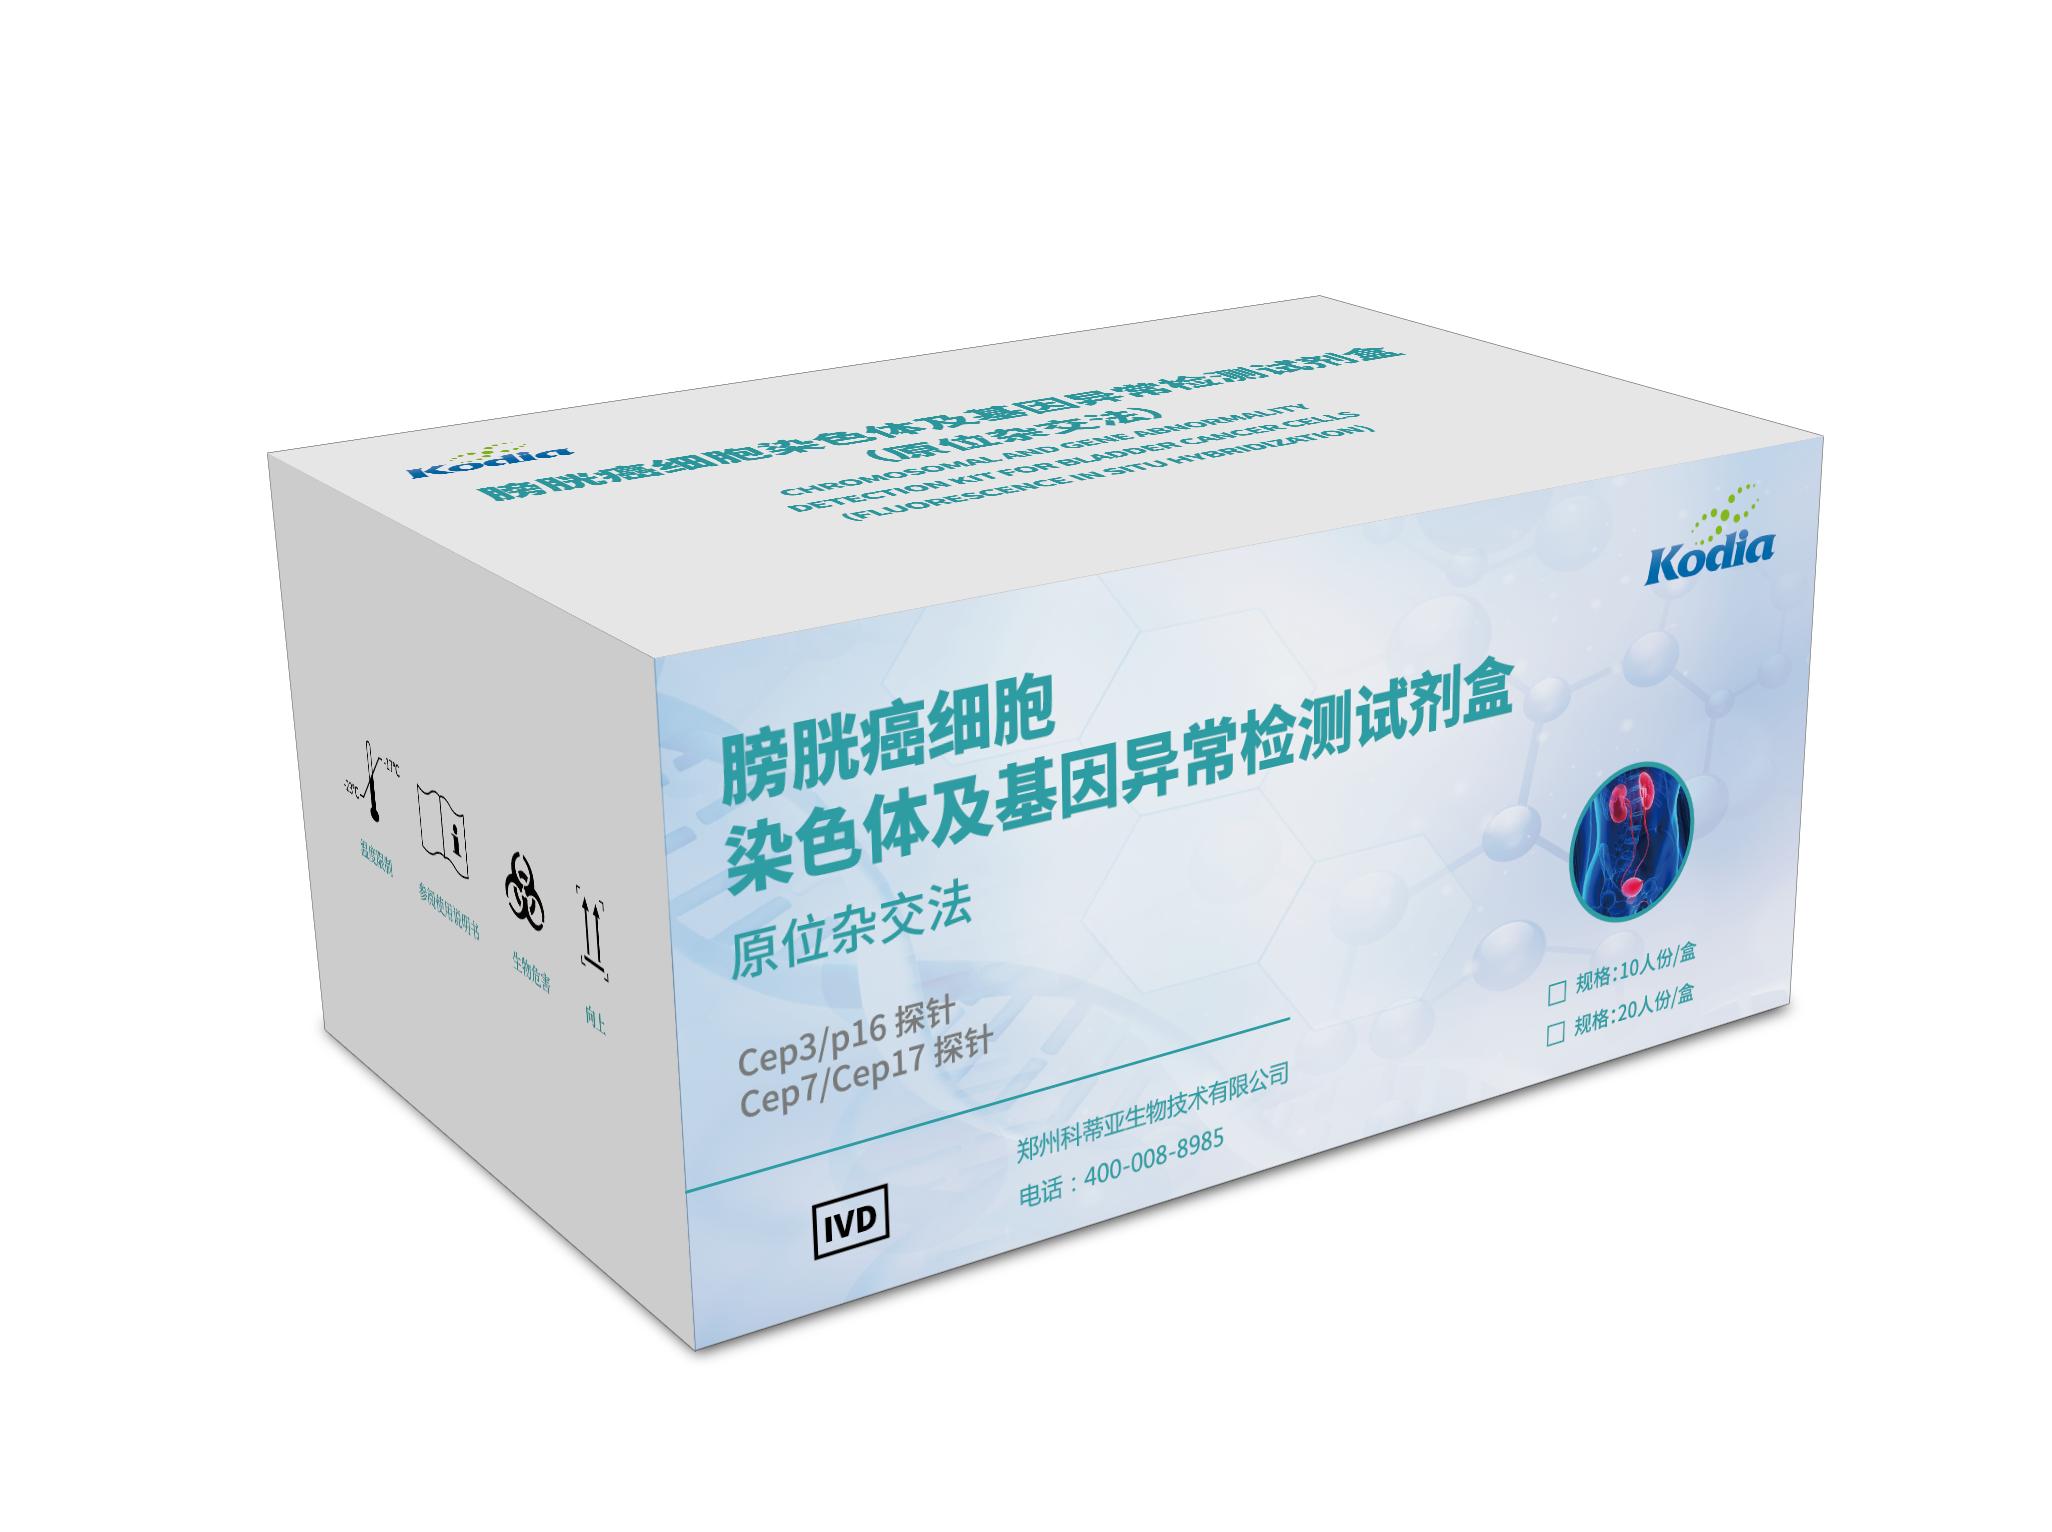 膀胱癌細胞染色體及基因異常檢測試劑盒(原位雜交法)